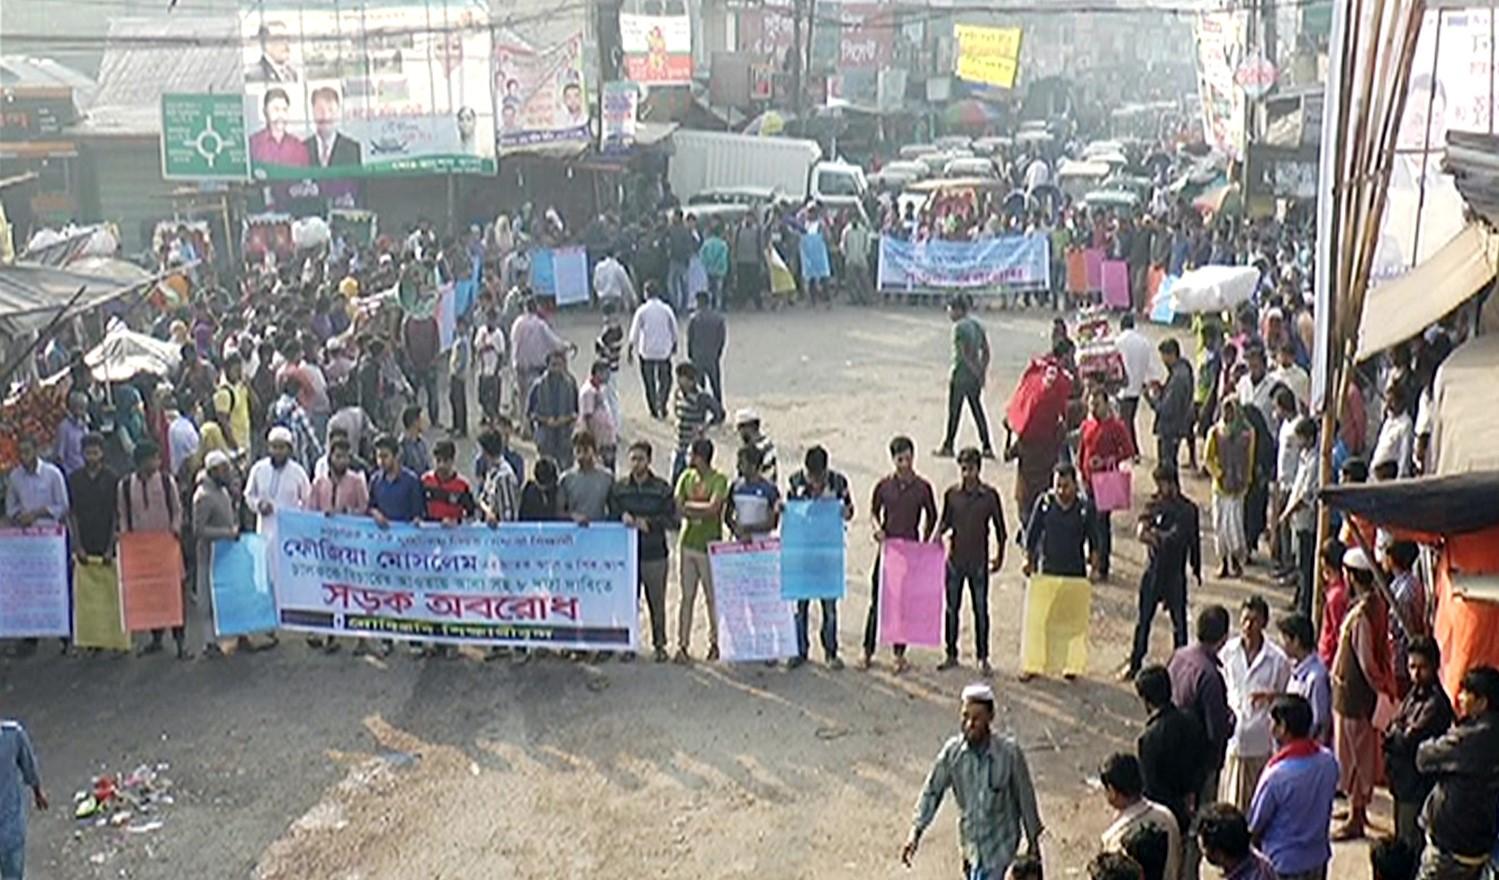 ফৌজিয়া নিহতের ঘটনায় নোবিপ্রবি'র শিক্ষার্থীদের সড়ক অবরোধ